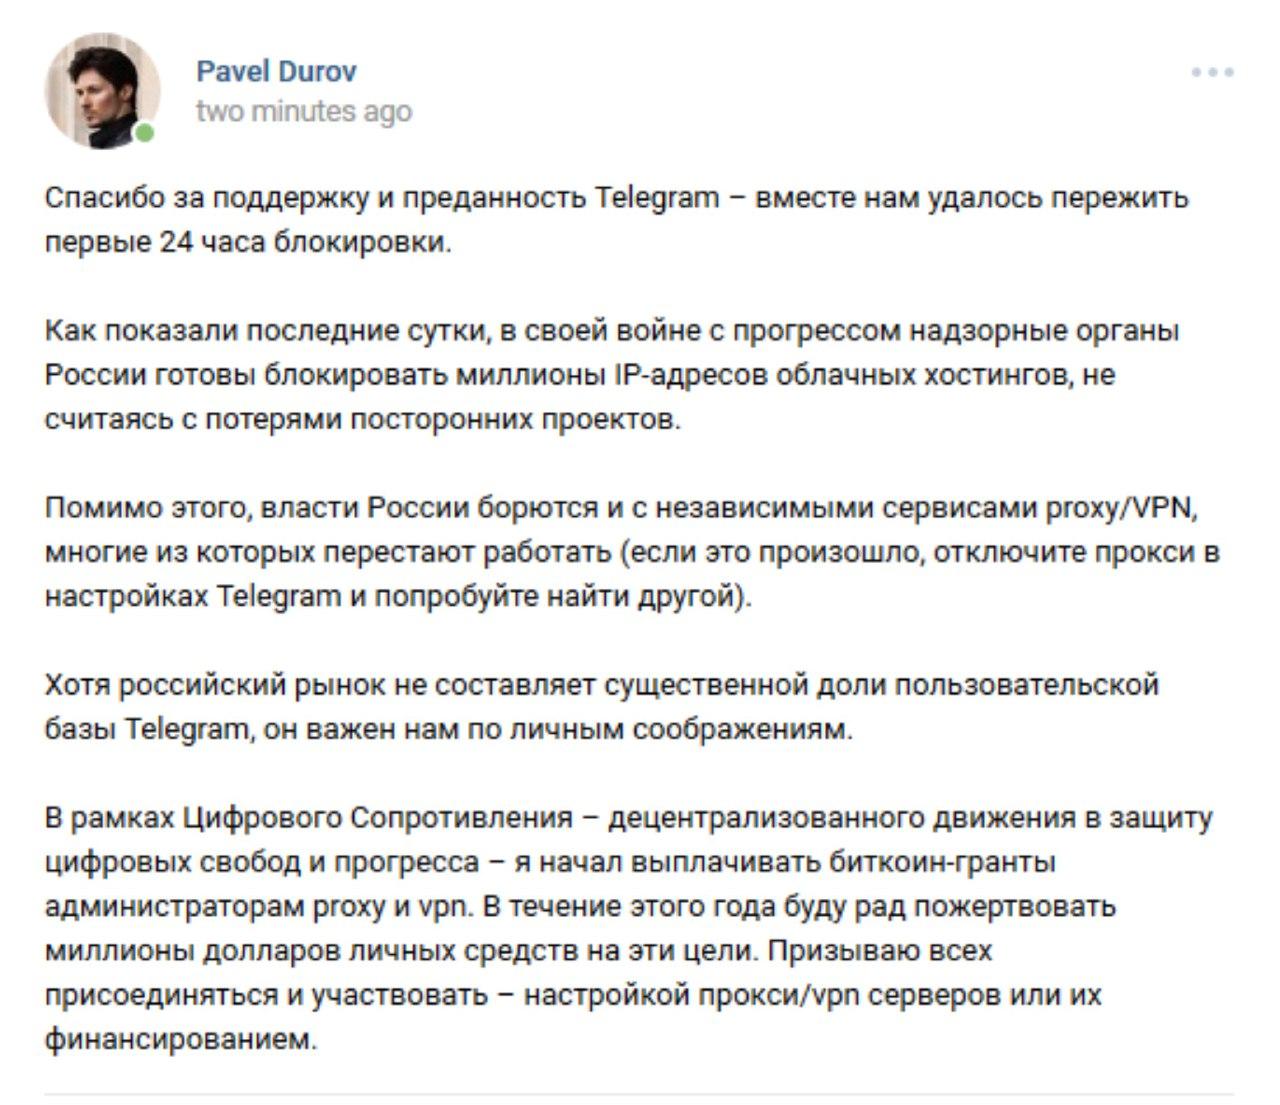 Блокировка Telegram в России и Цифровое Сопротивление | Vive La Resistance | Le VPN